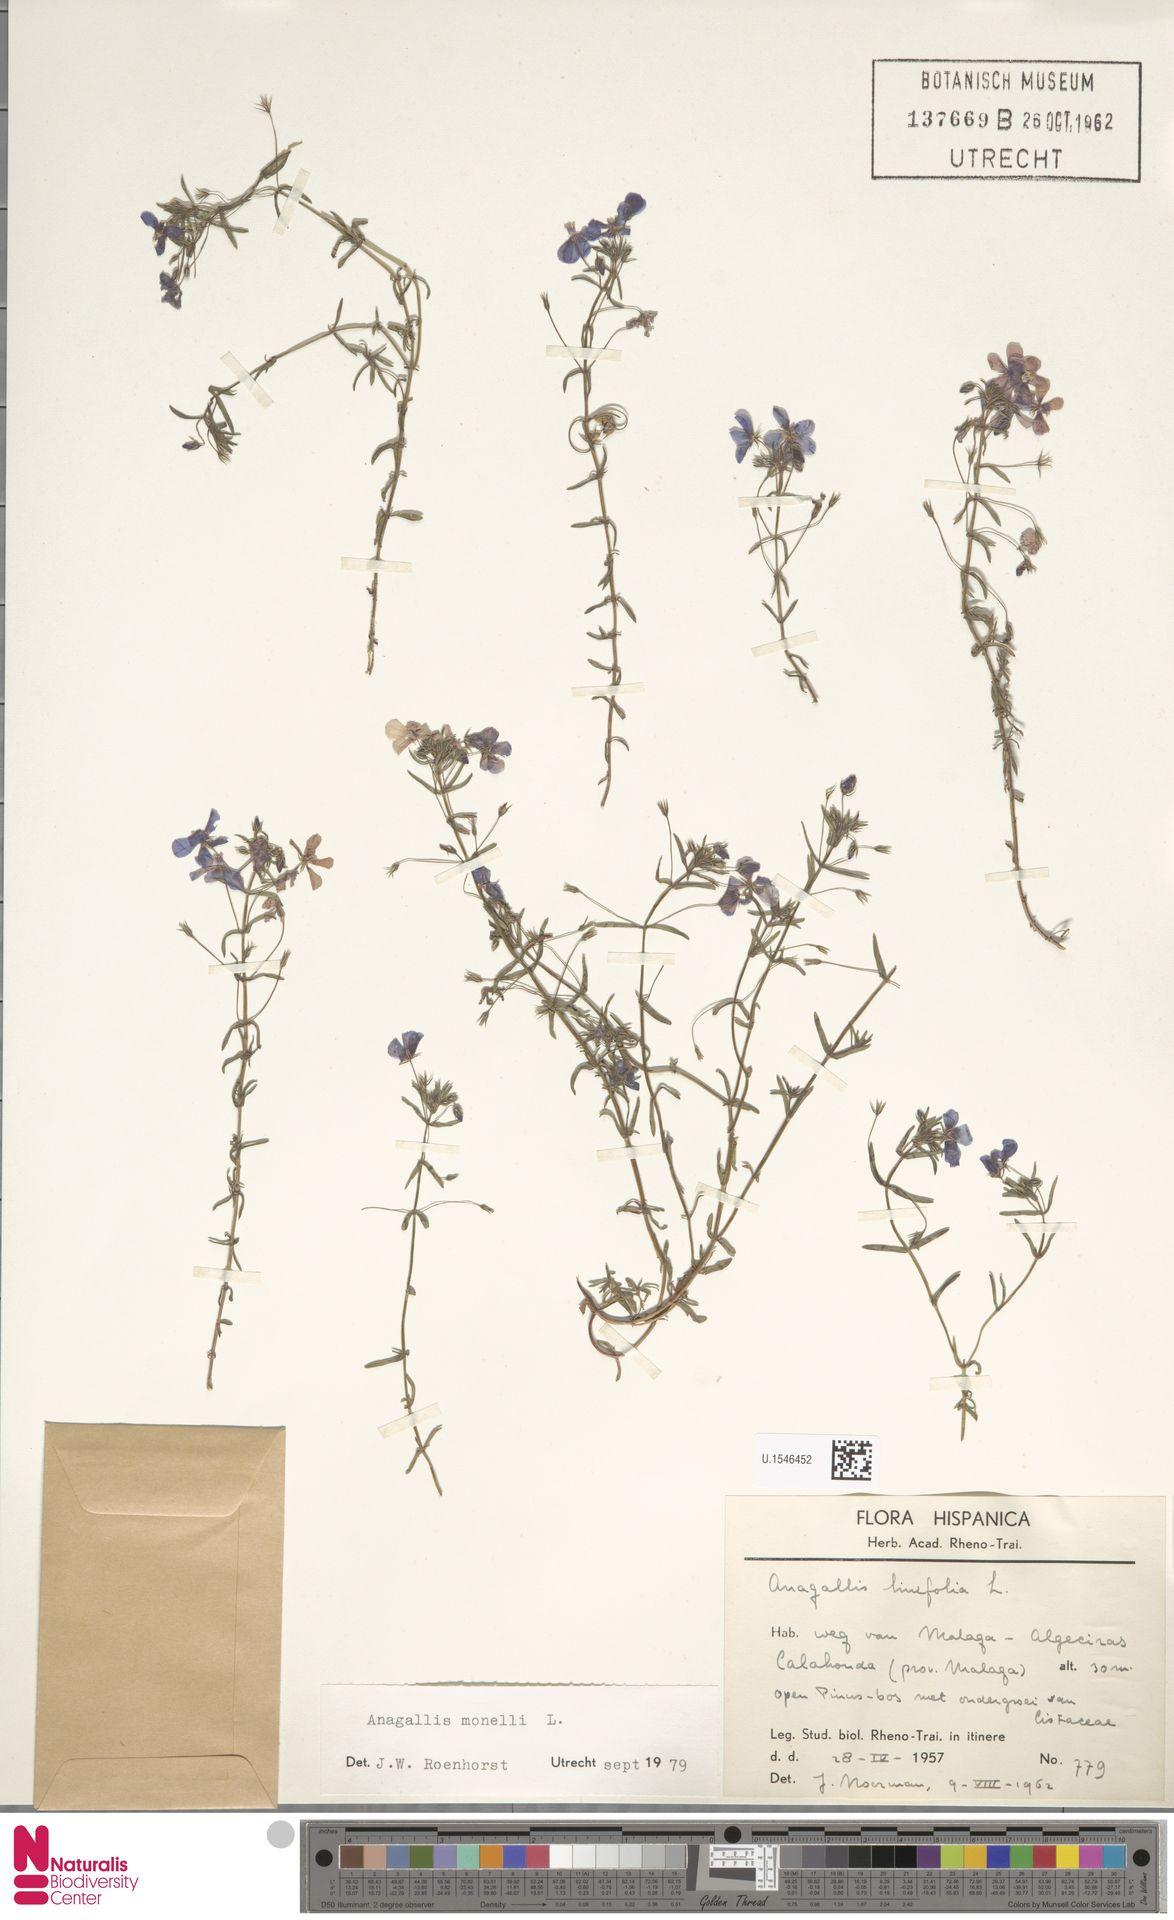 U.1546452 | Anagallis monelli L.